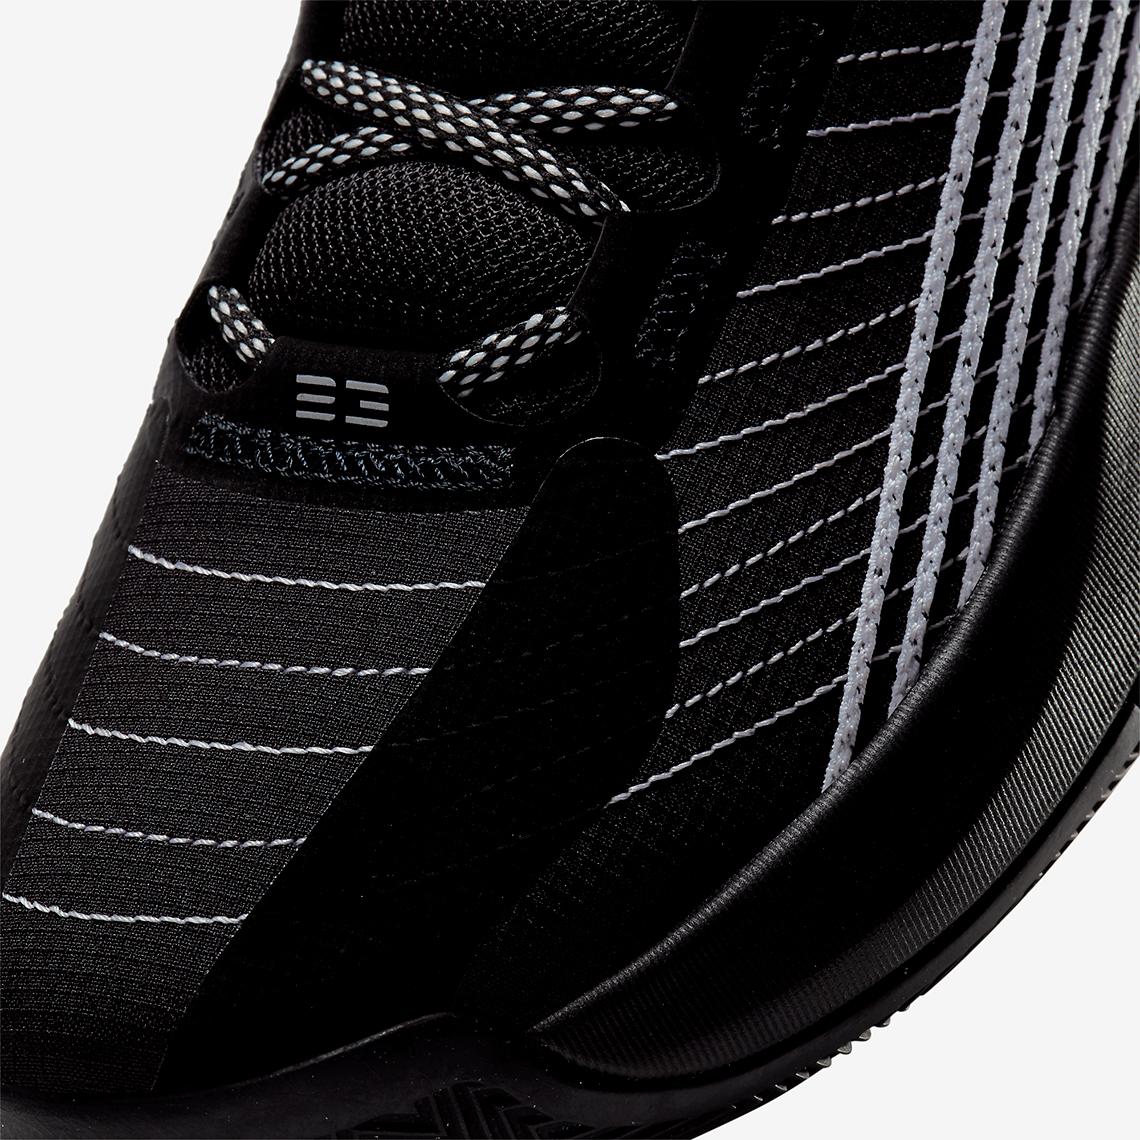 Nike Air Jordan 35 ナイキ エアジョーダン35 CQ4021-001 toe